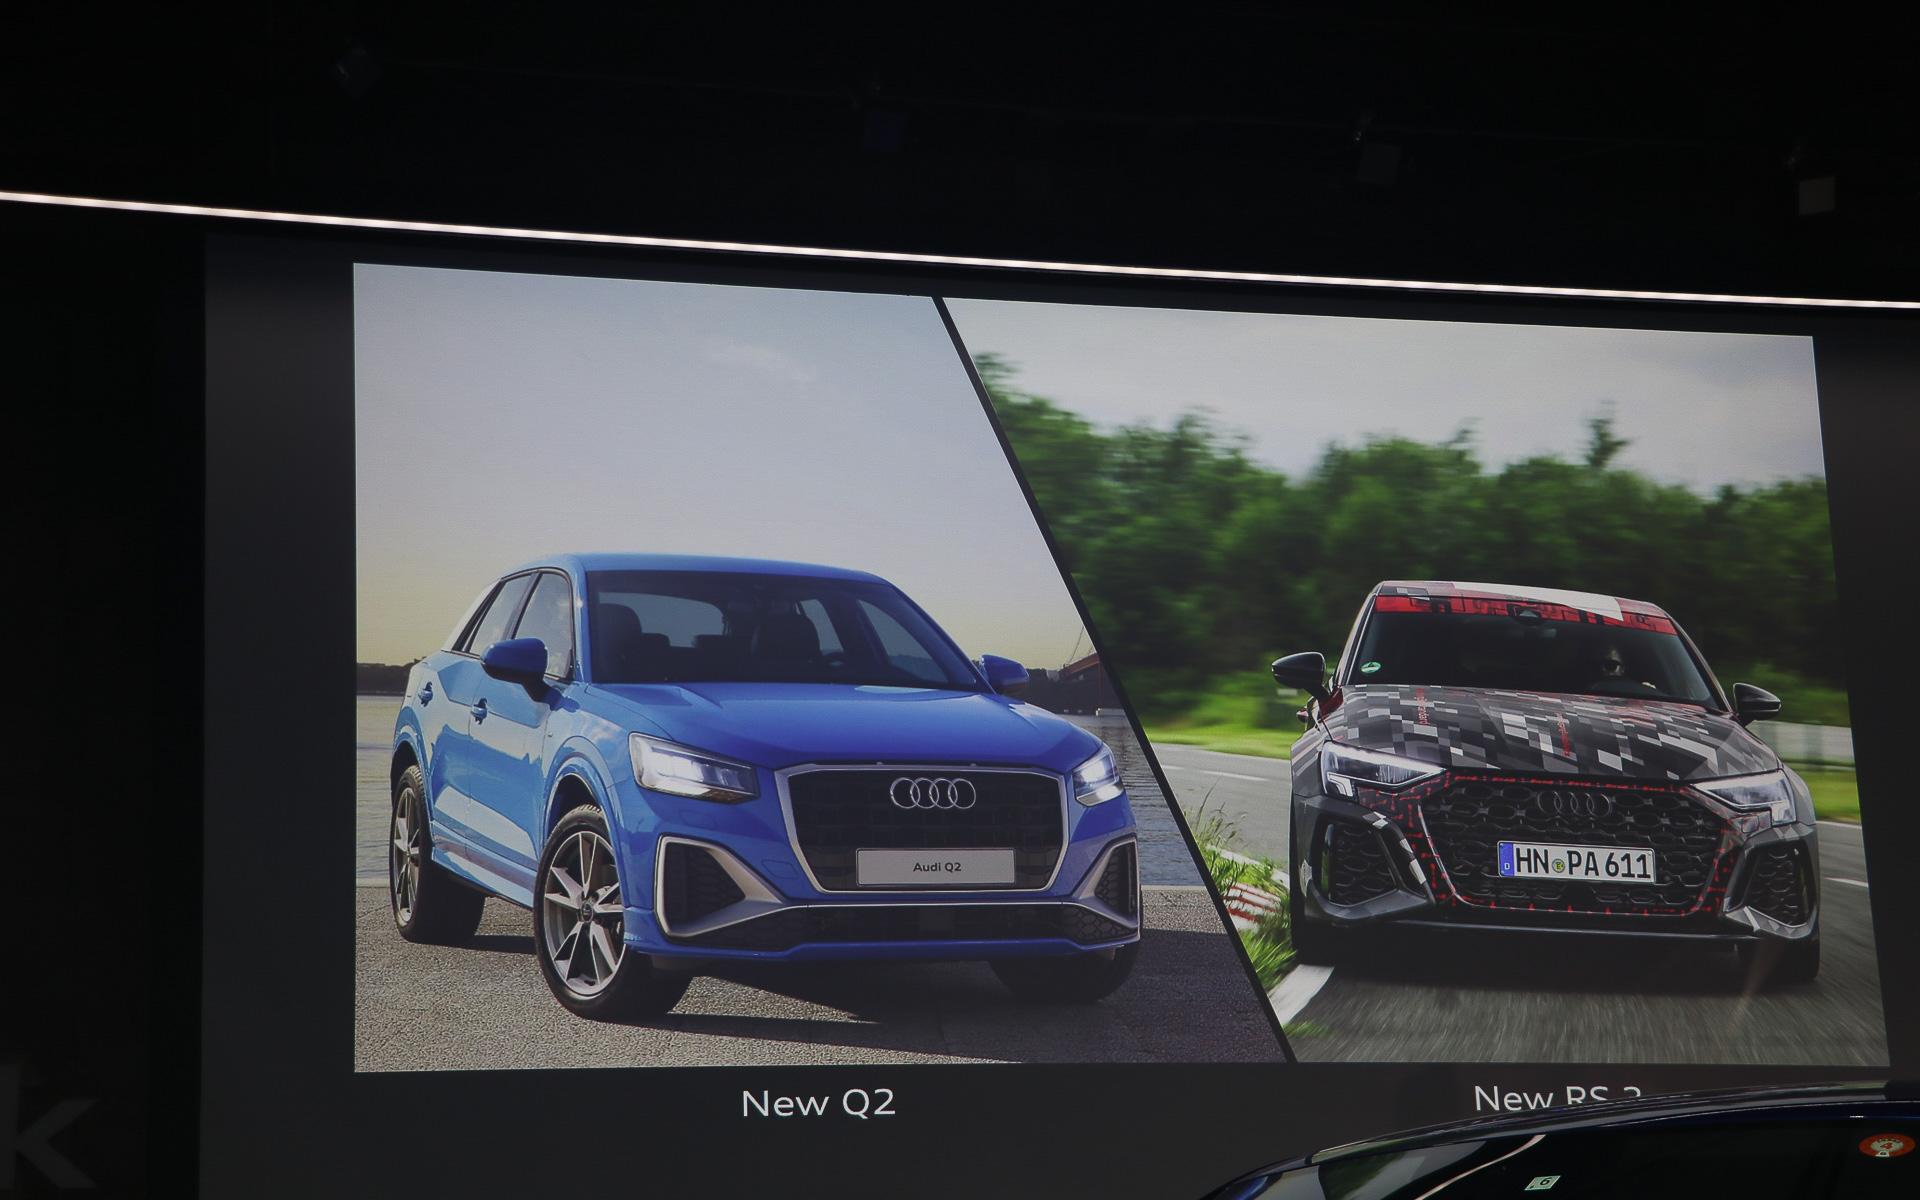 8月末からデリバリーが予定されている新型Q2と新型RS 3